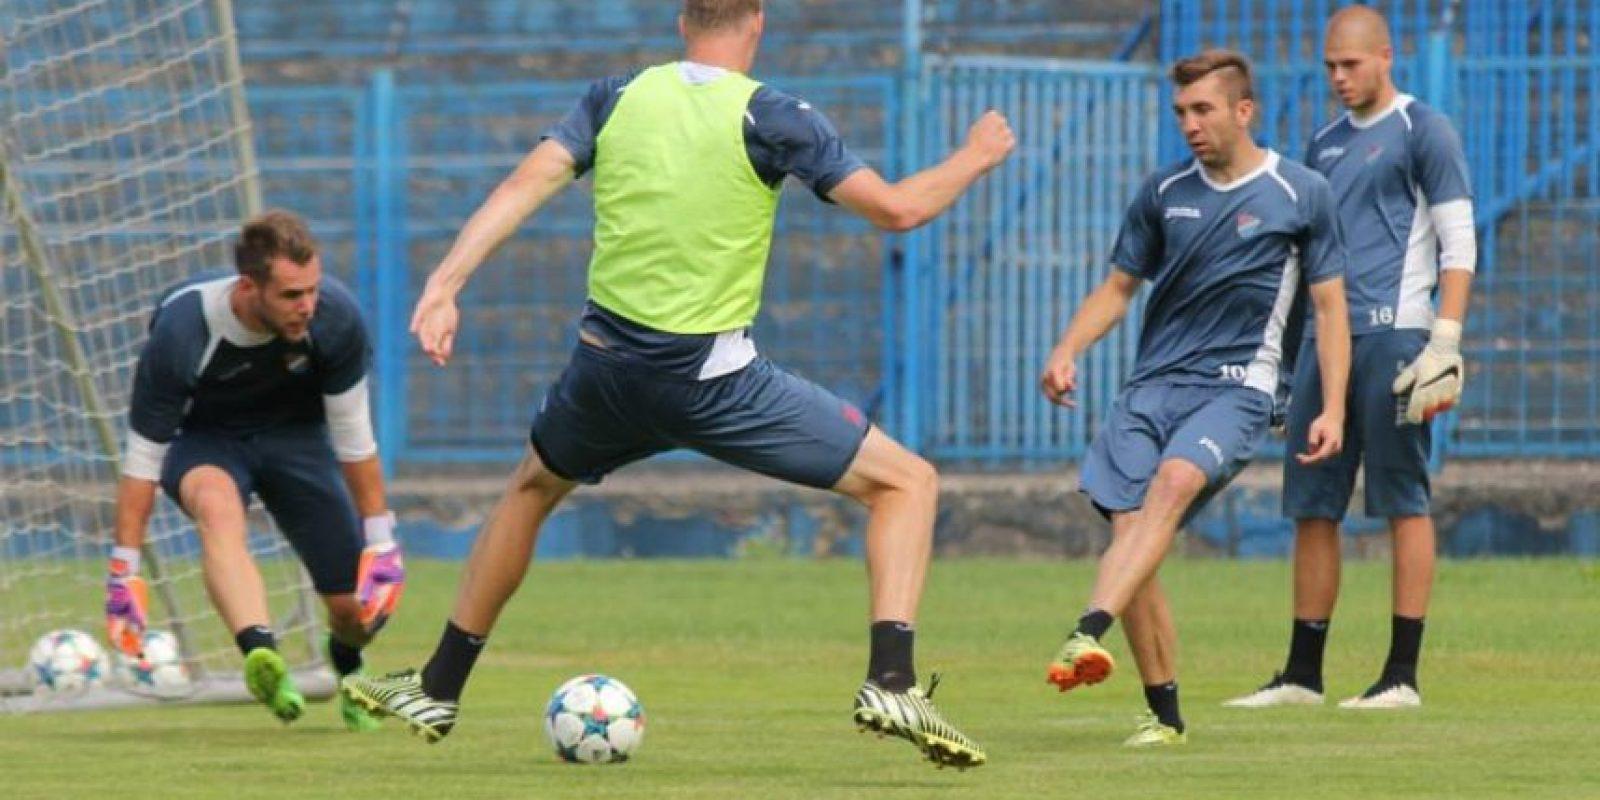 Su mayor rivalidad es contra el Sparta Praga, el club más conocido del país checo. Foto:Vía facebook.com/fcbanik.cz